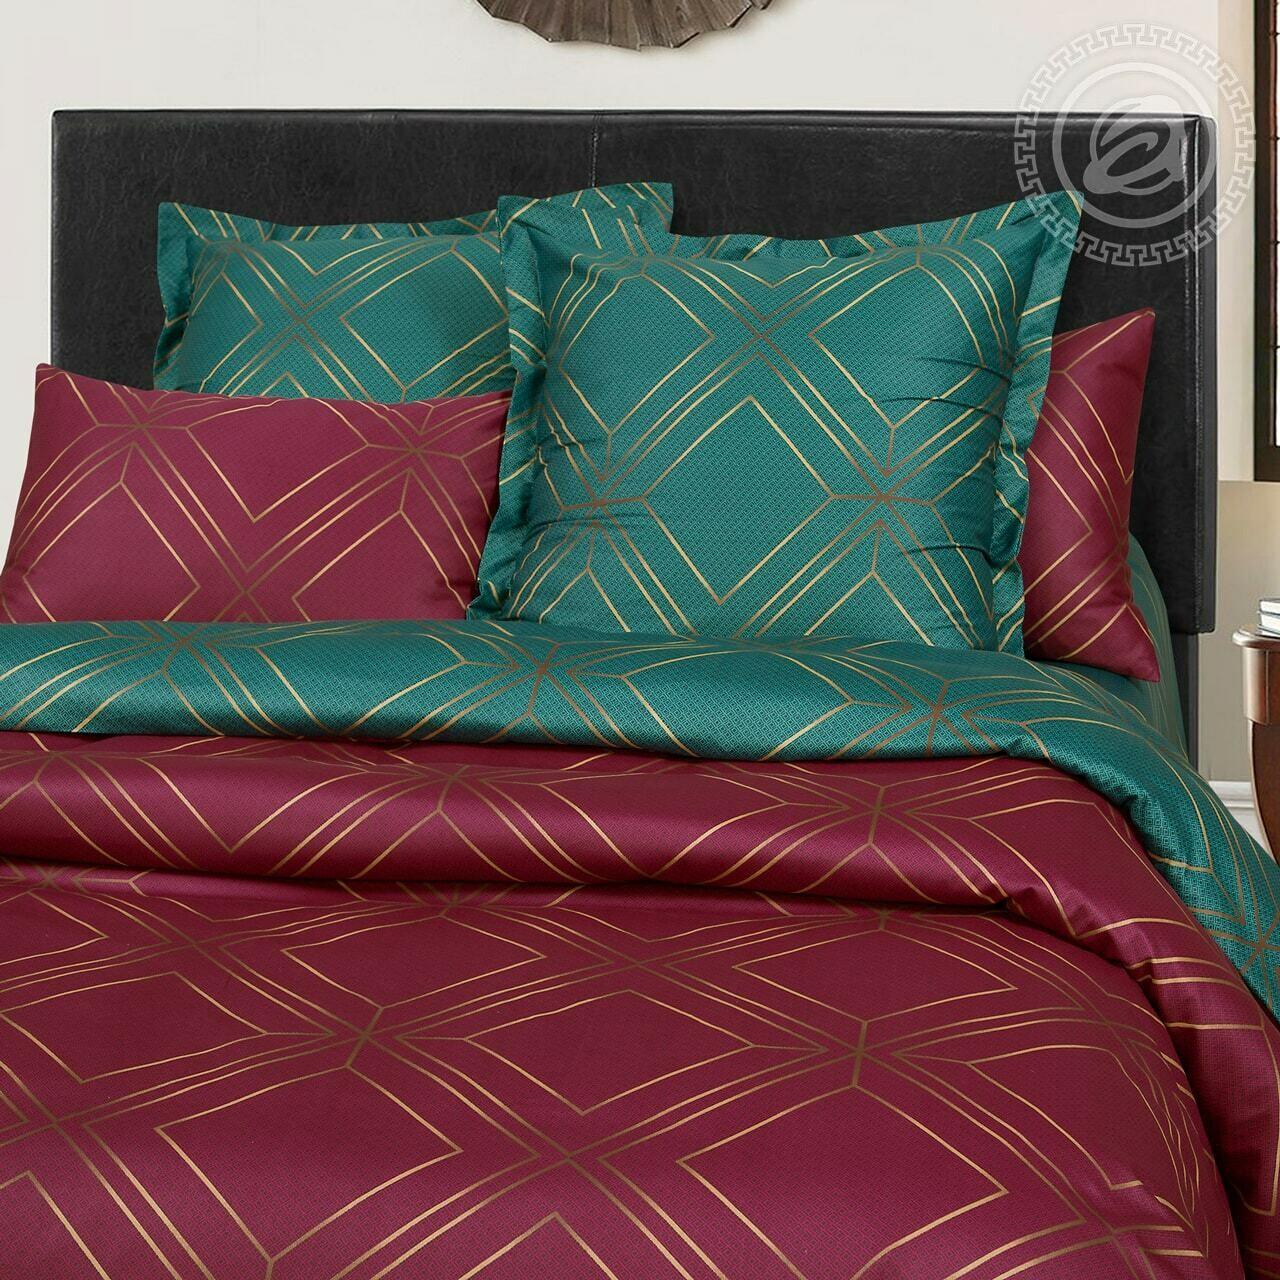 Комплект постельного белья из сатина Шарль Красный&Зеленый